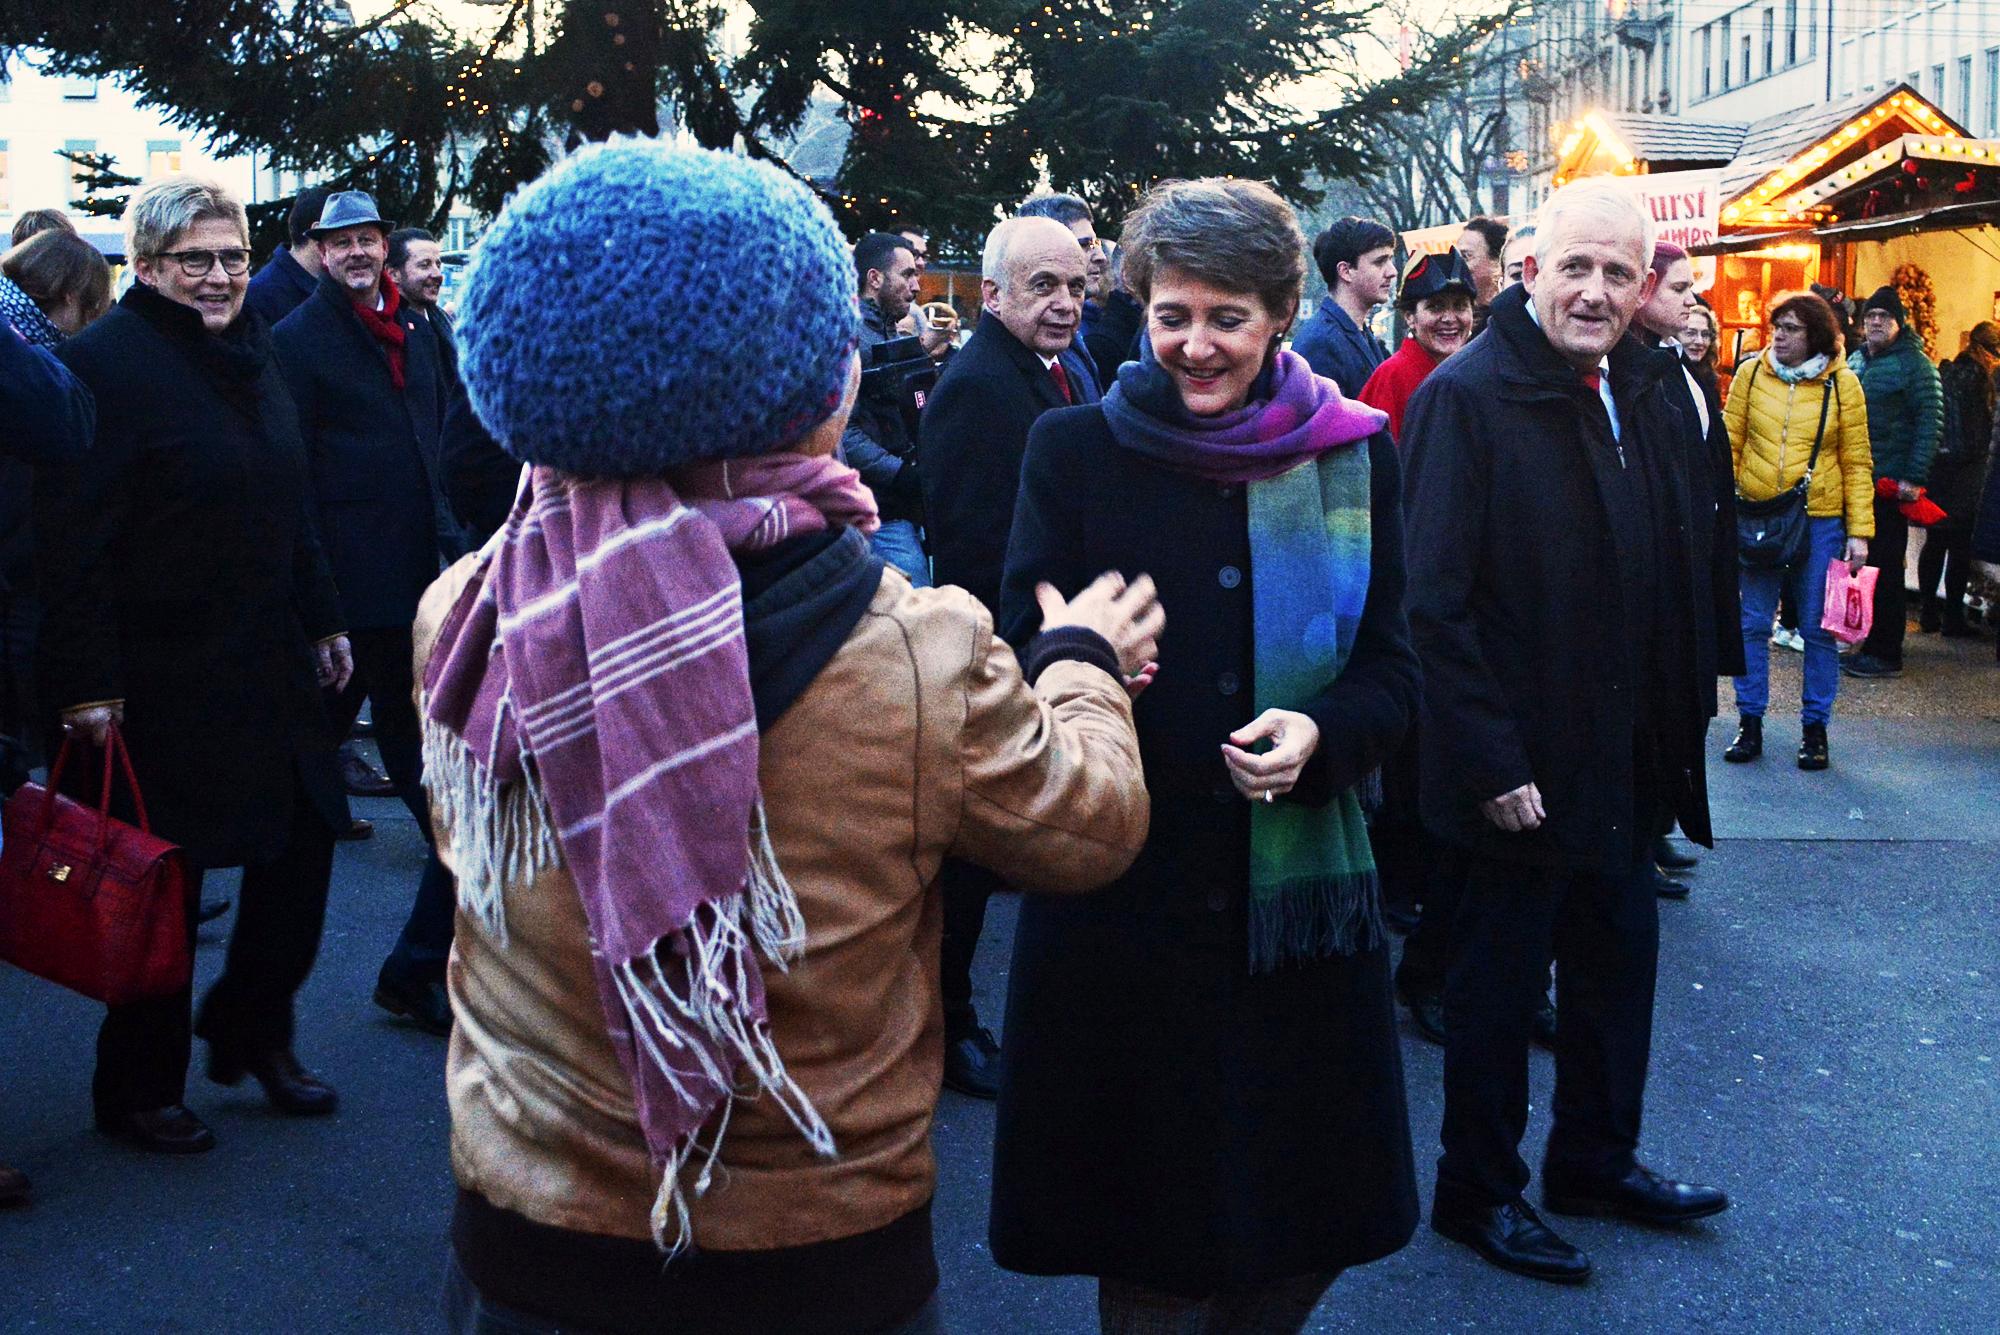 Beim Weihnachtsmarkt erhält Simonetta Sommaruga ein Weihnachstgeschenk